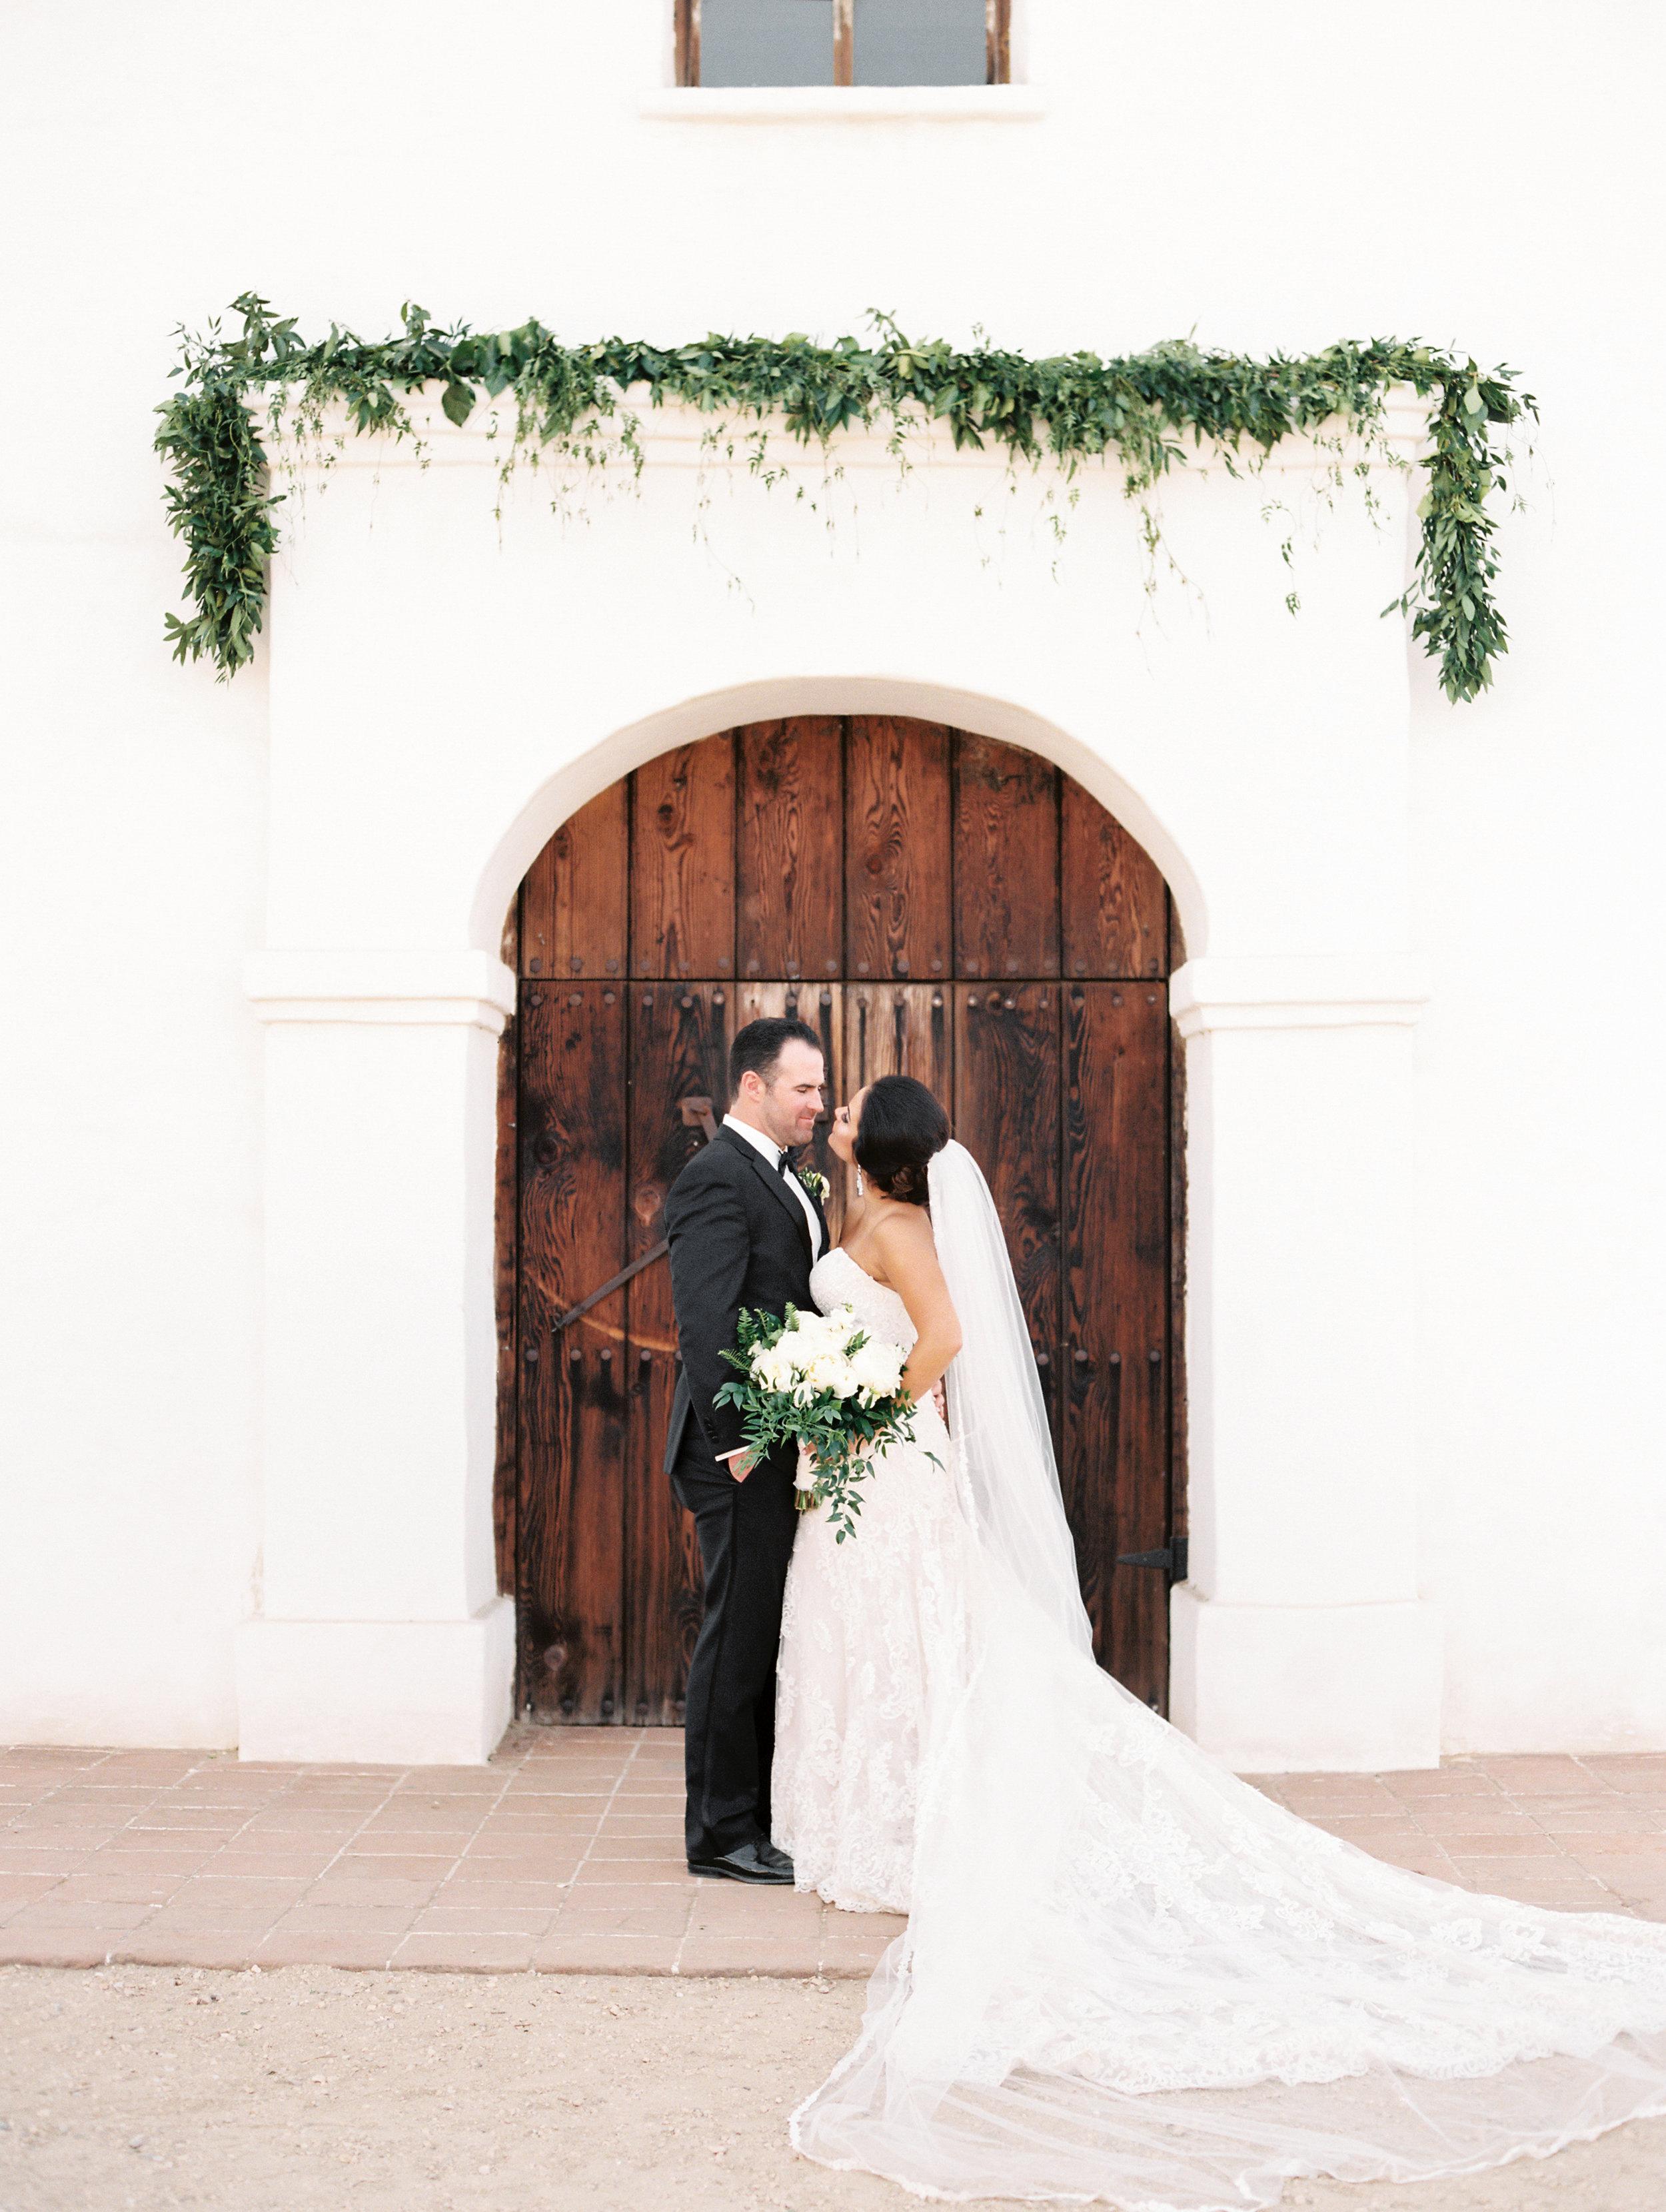 www.santabarbarawedding.com   El Presidio   Santa Barbara Club   Taralynn Lawton   Bride and Groom